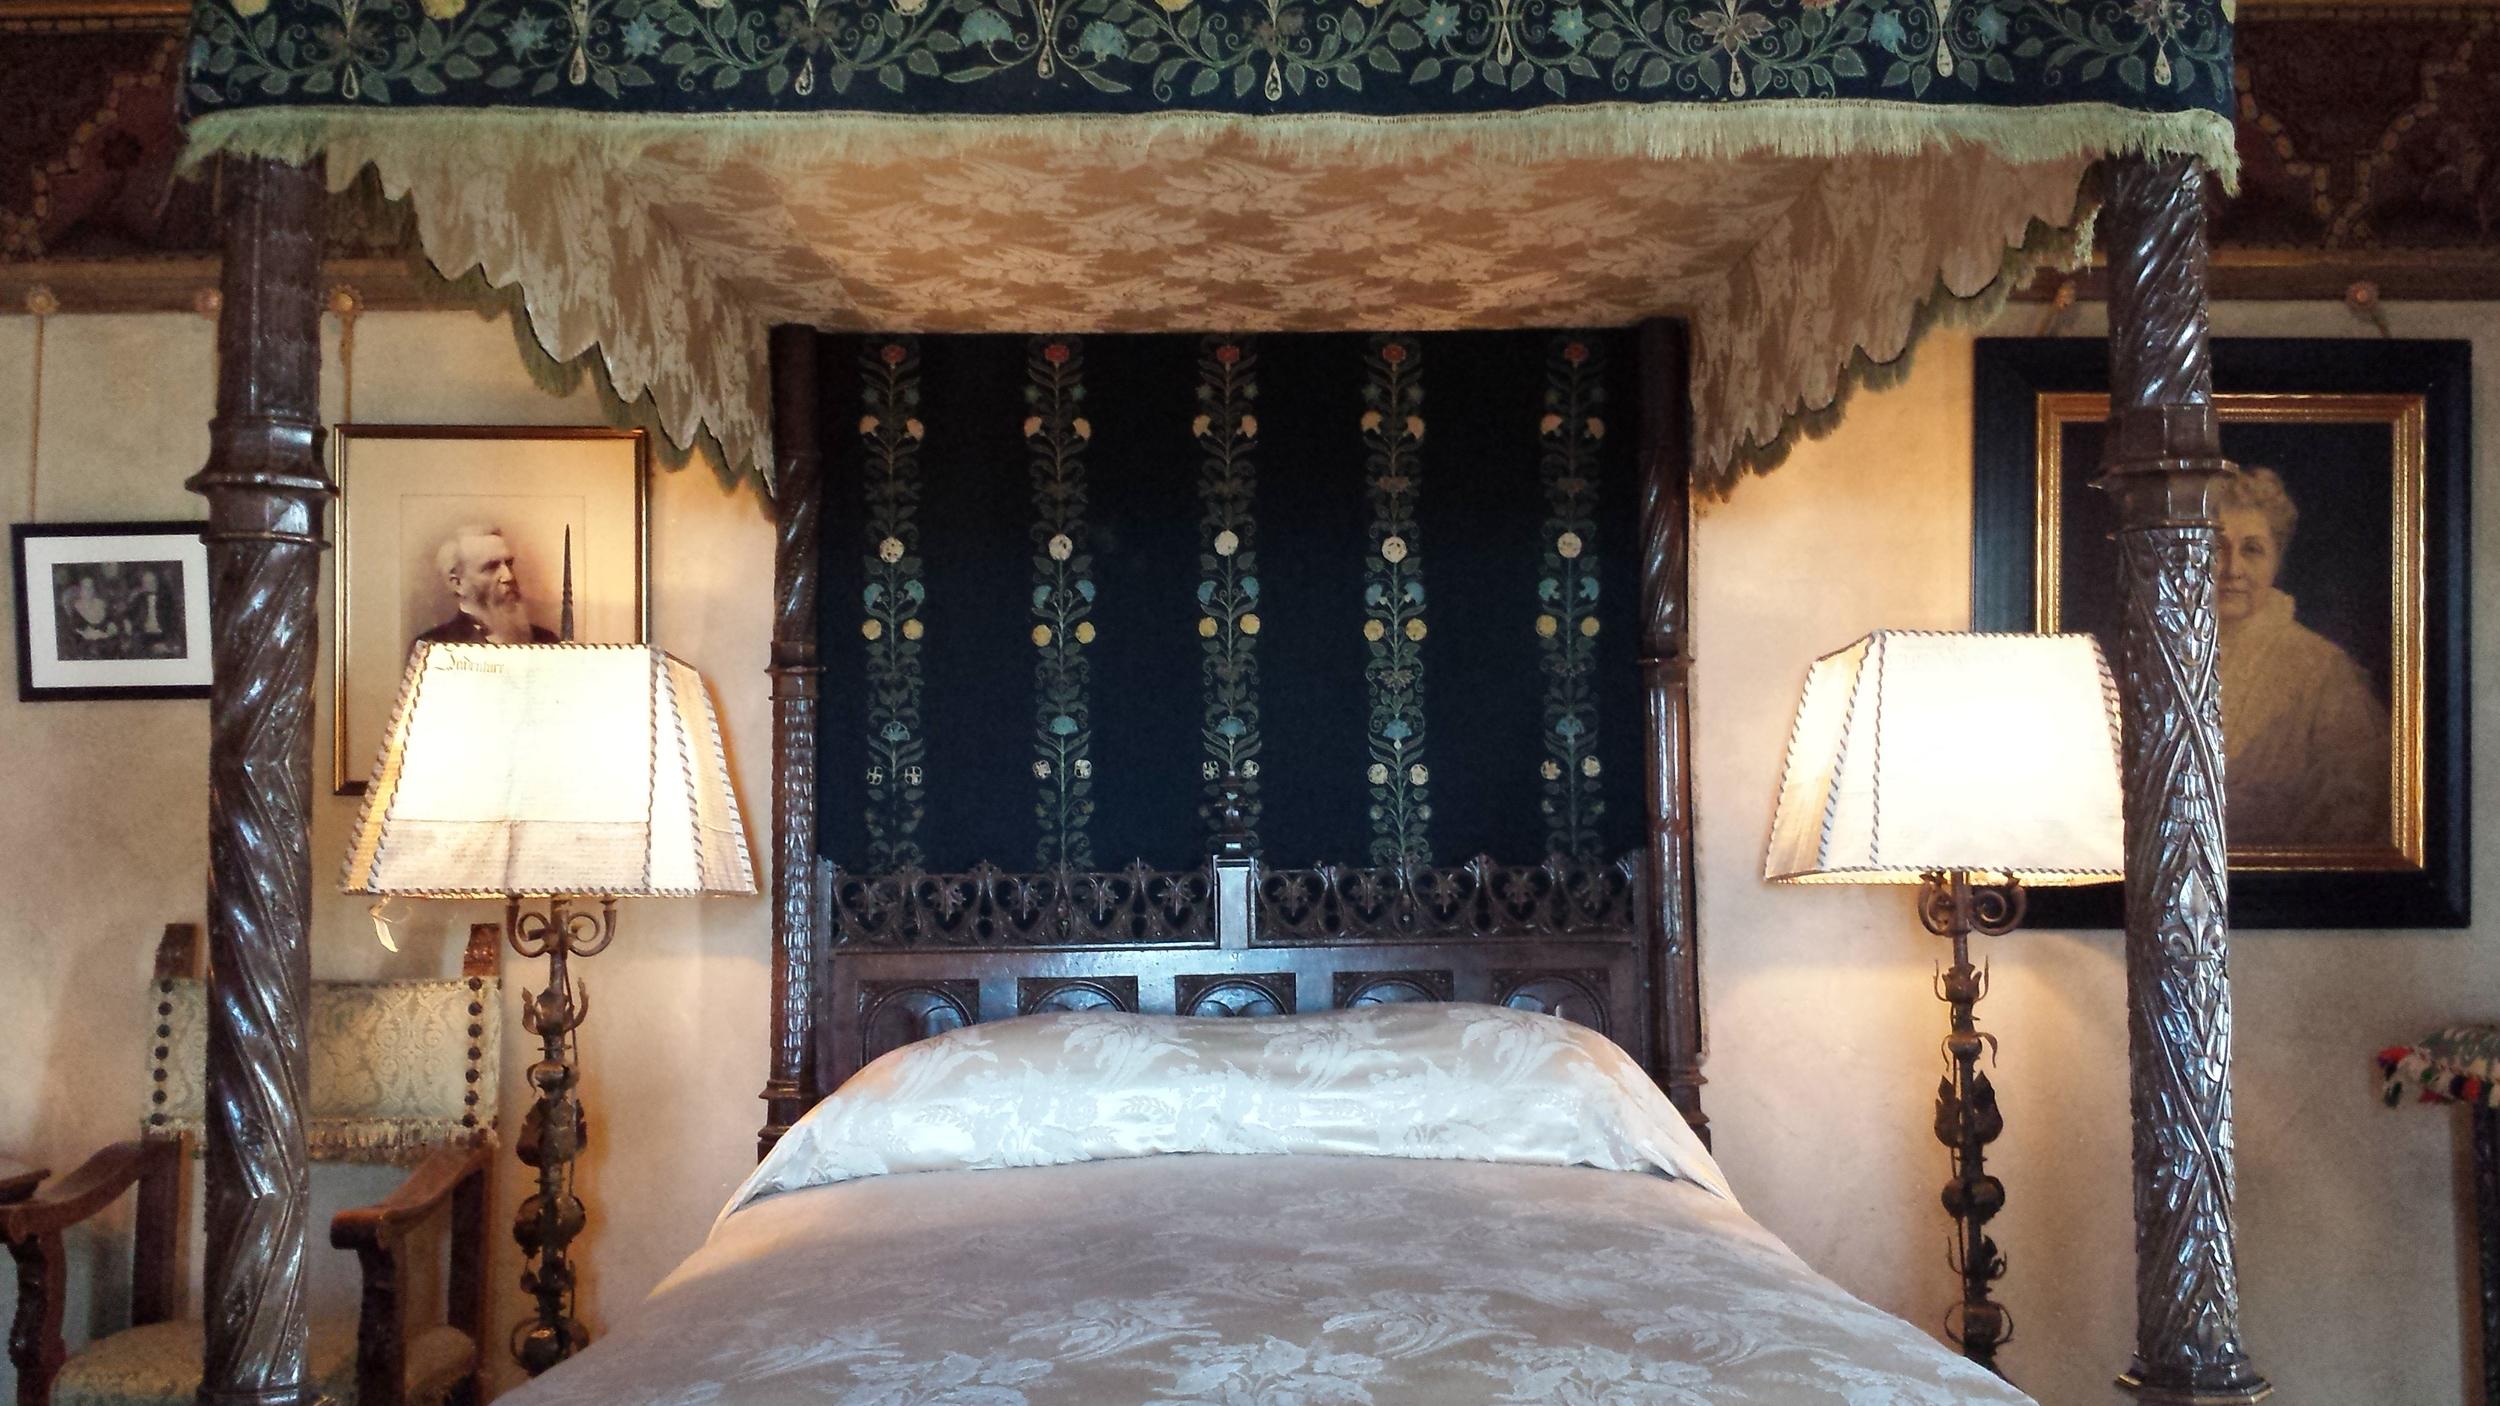 Hearst's bedroom